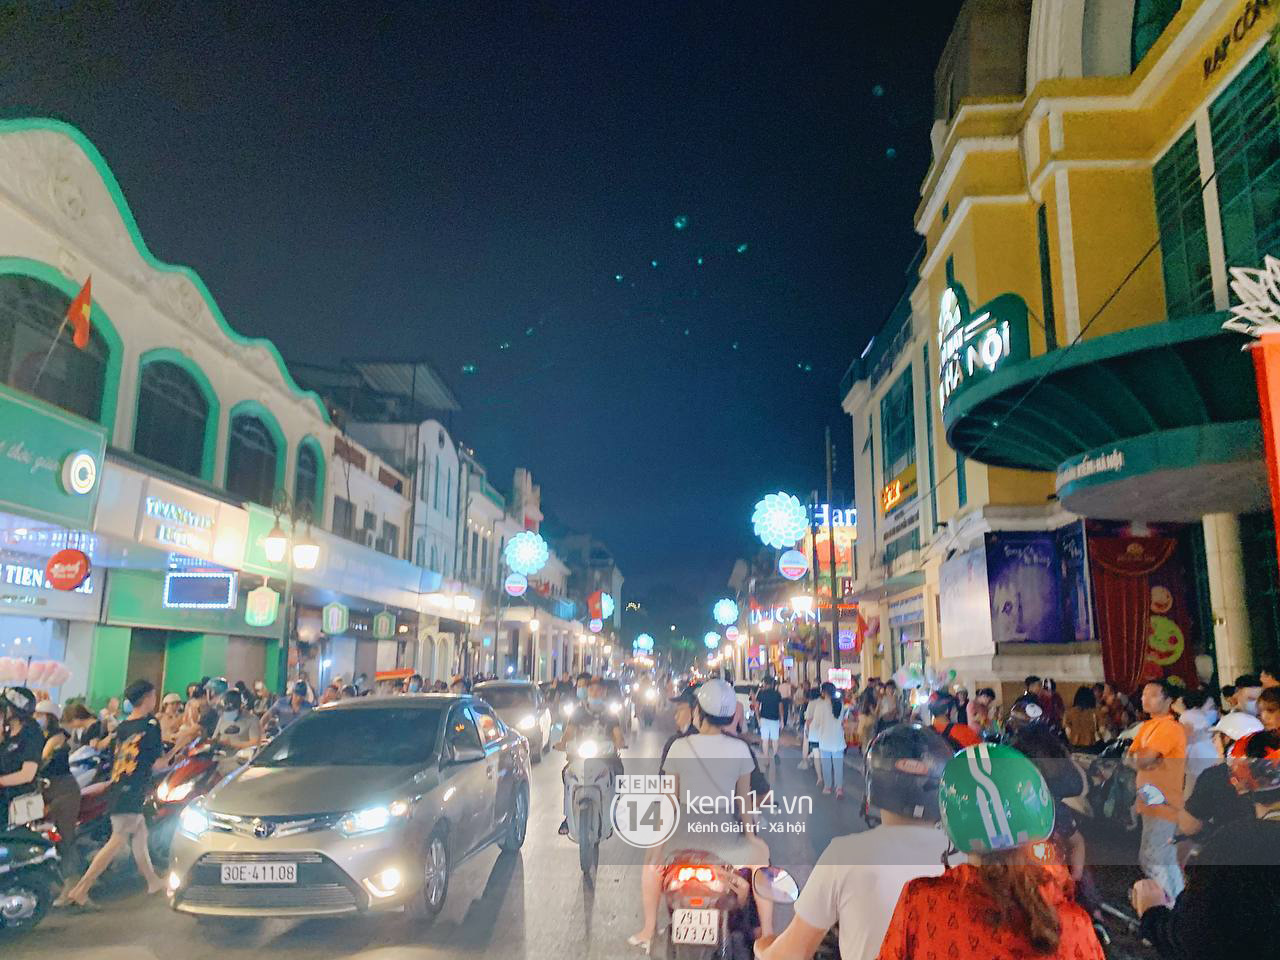 Trót dại xuống phố tối ngày giỗ Tổ, giới trẻ Hà Nội chịu cảnh kẹt cứng khắp mọi nẻo đường, đông không kém gì Sài Gòn - Ảnh 14.